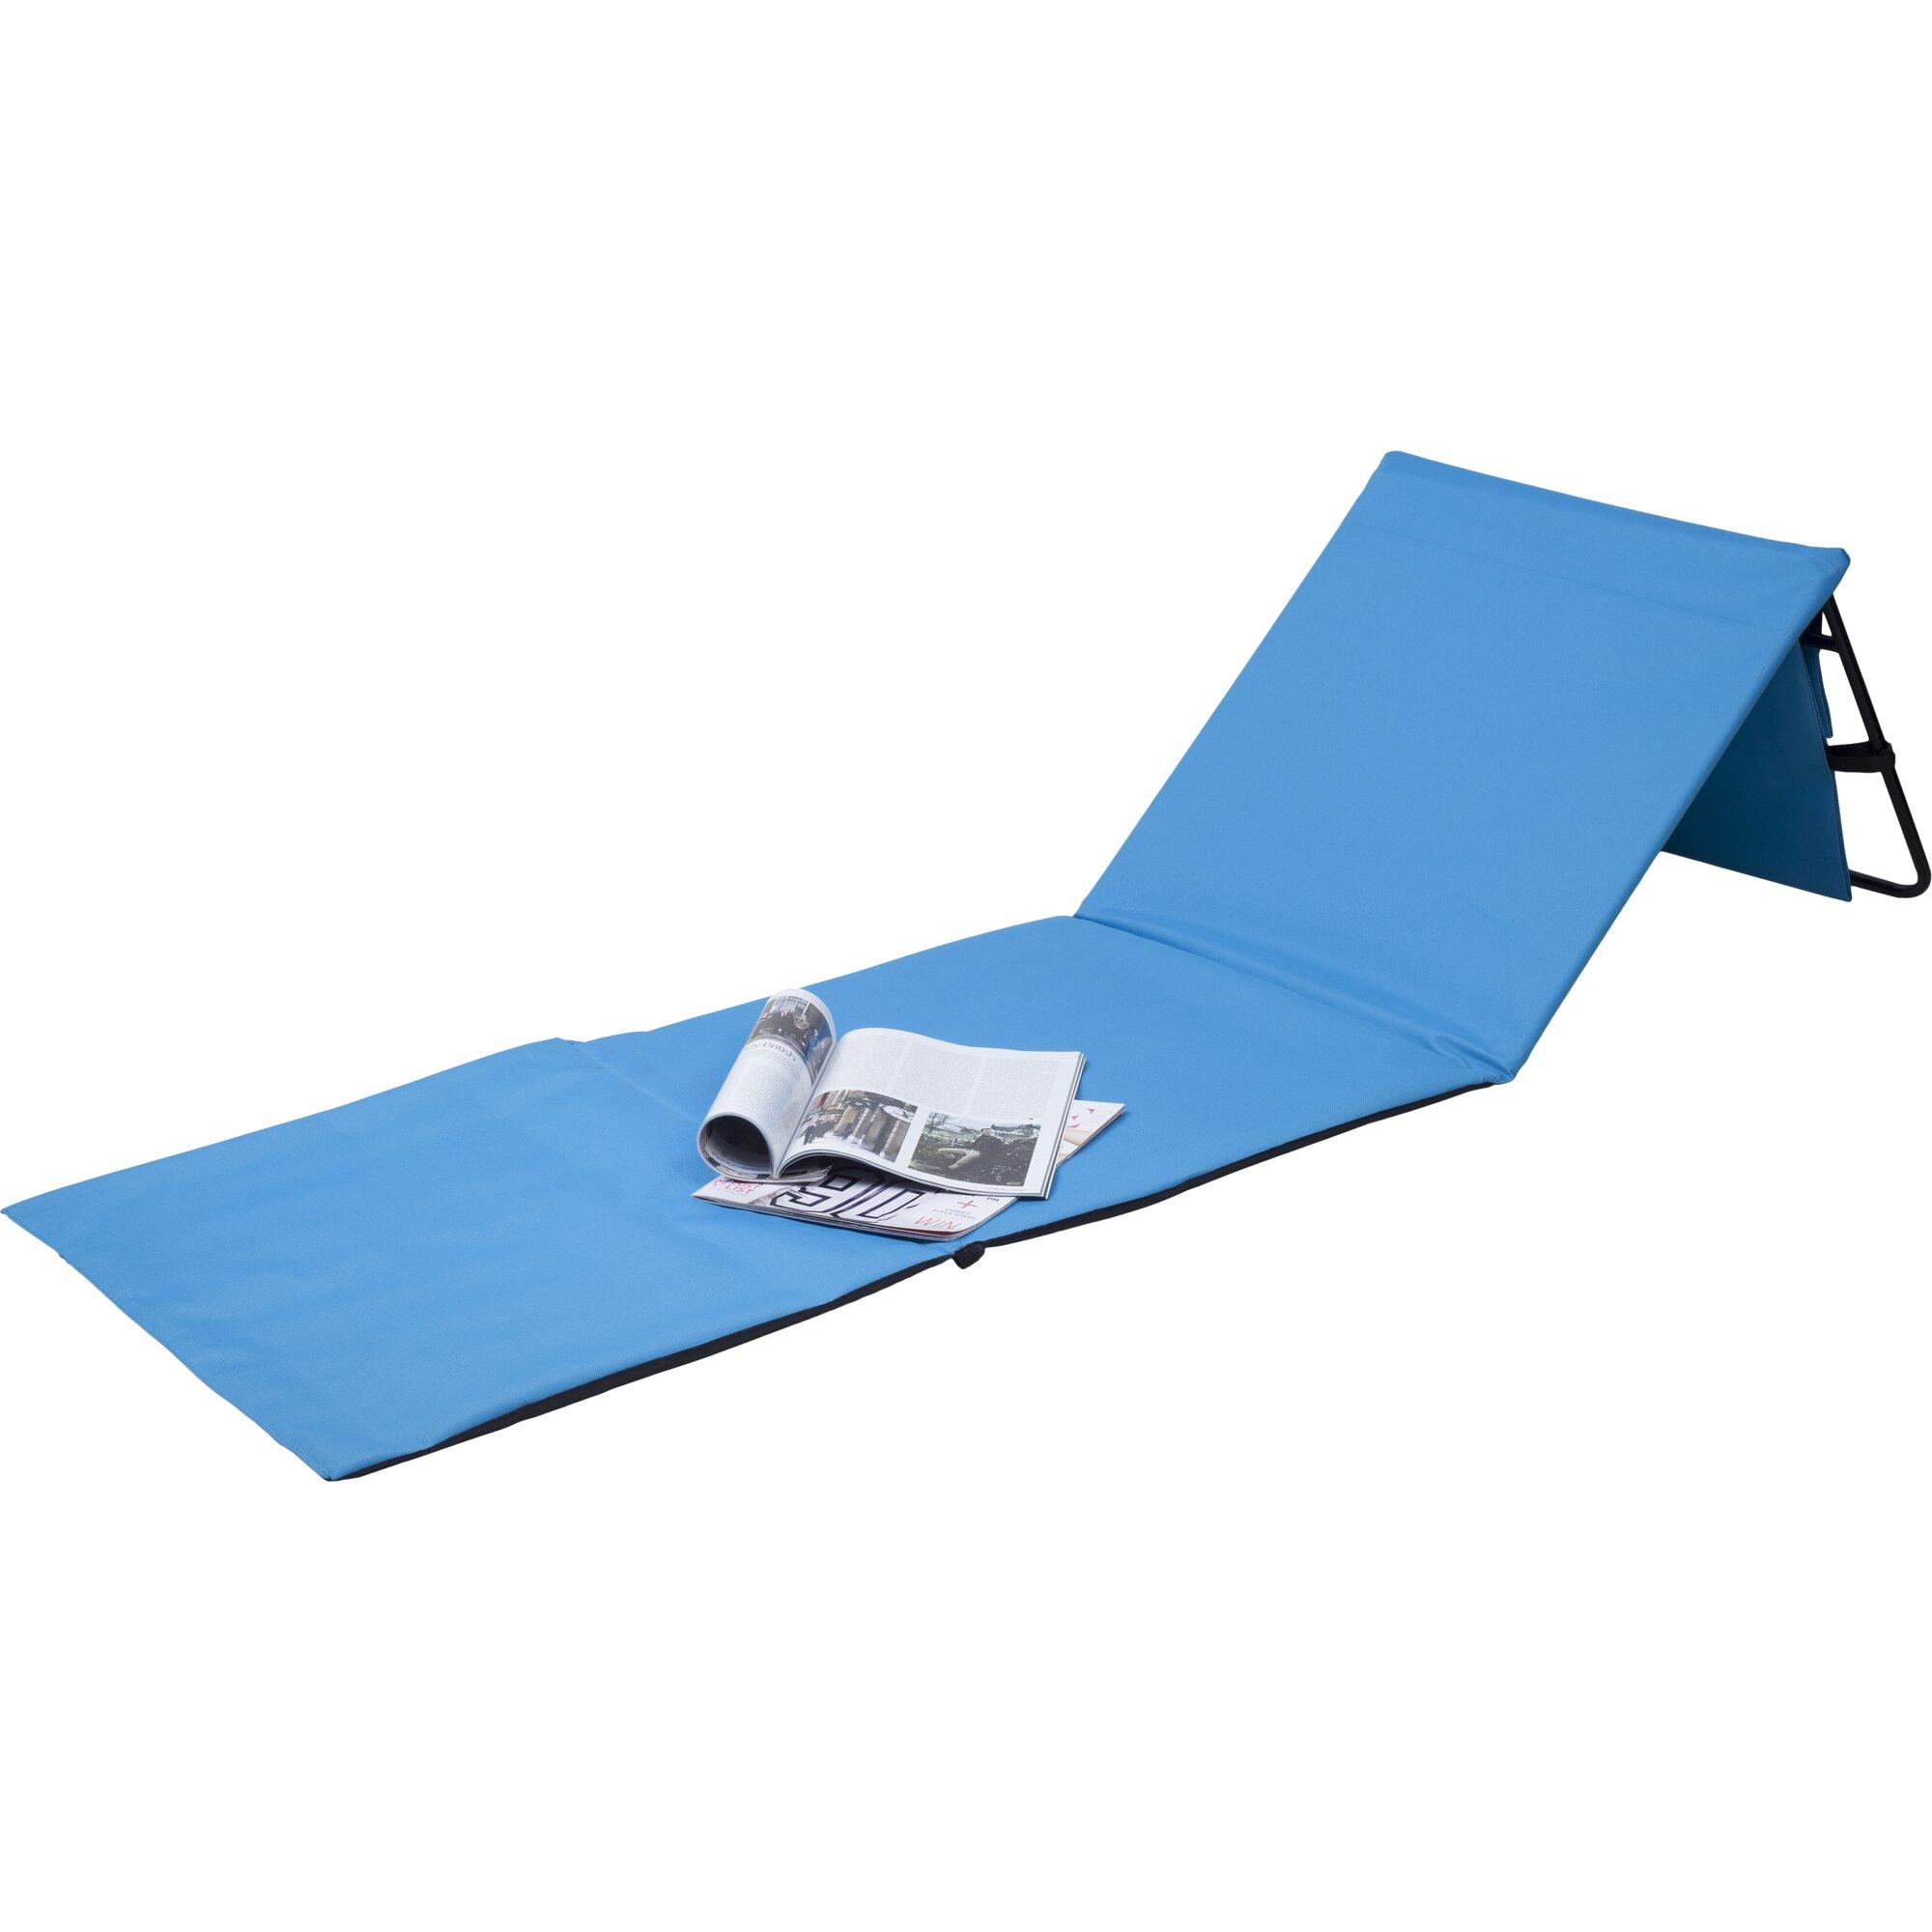 Beach lounge chair portable - Portable Beach Lounge Chair